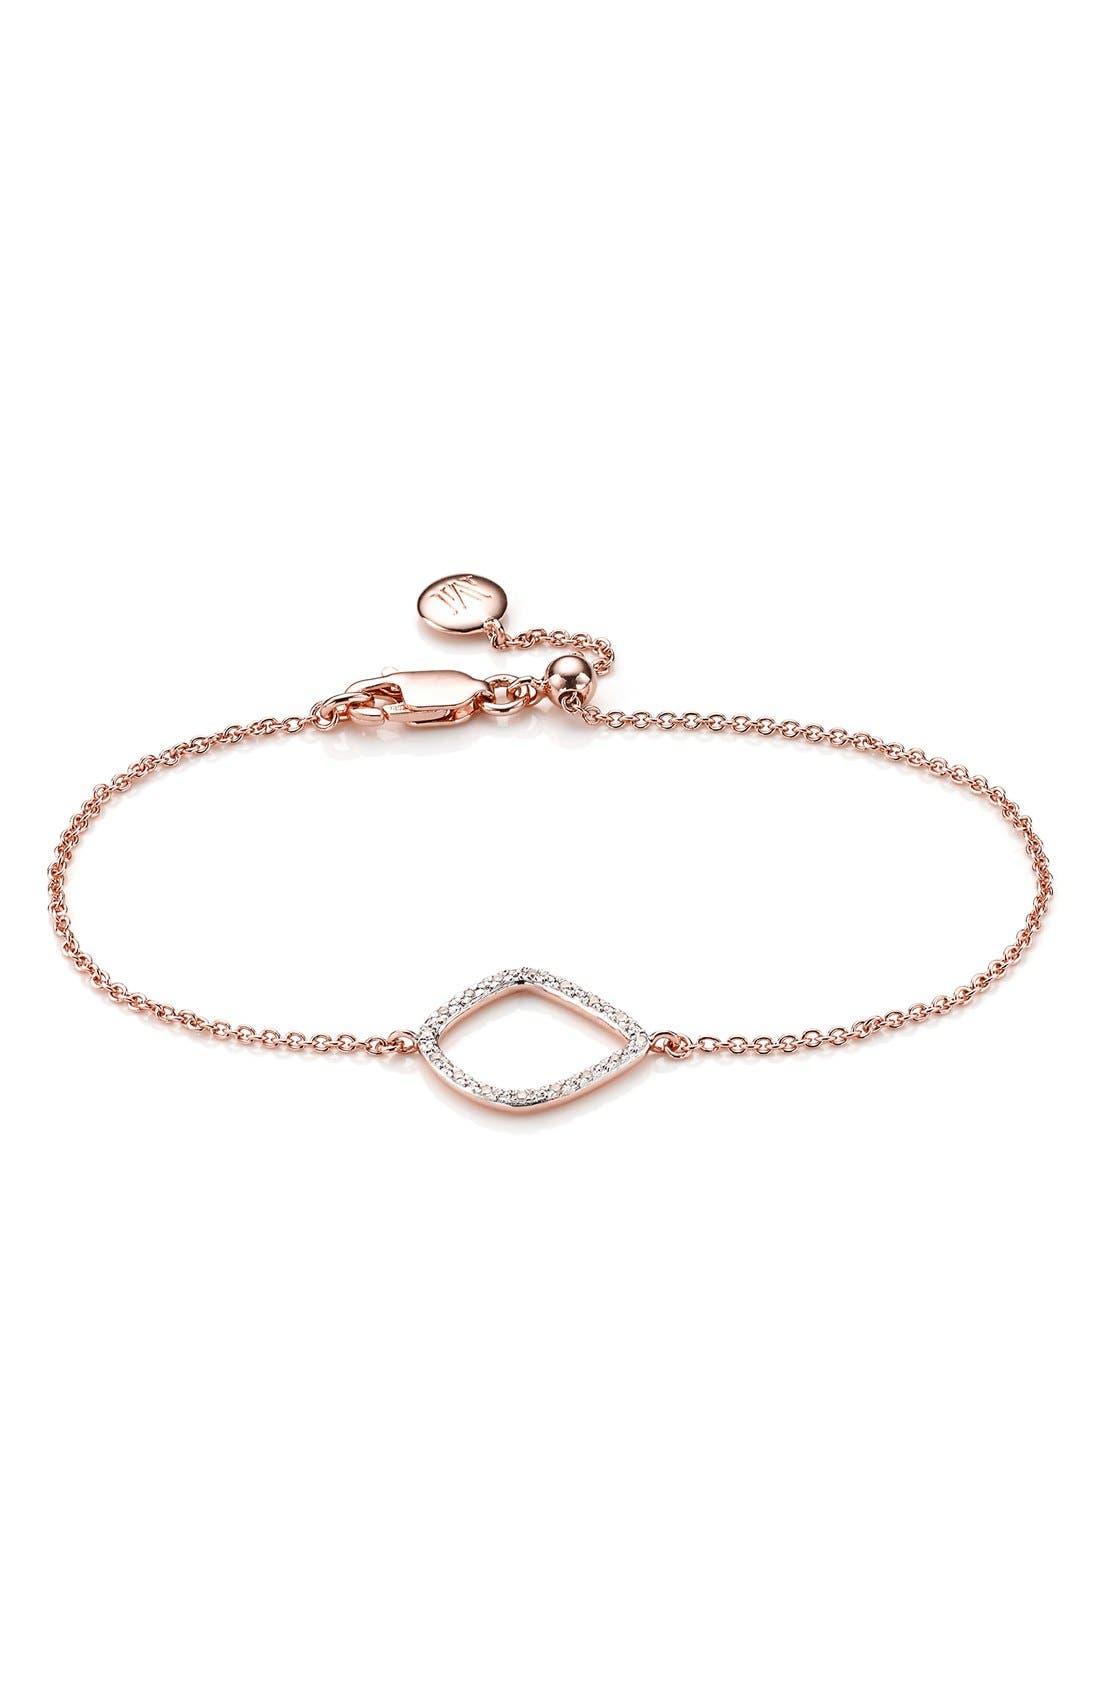 Main Image - Monica Vinader 'Riva' Diamond Charm Bracelet